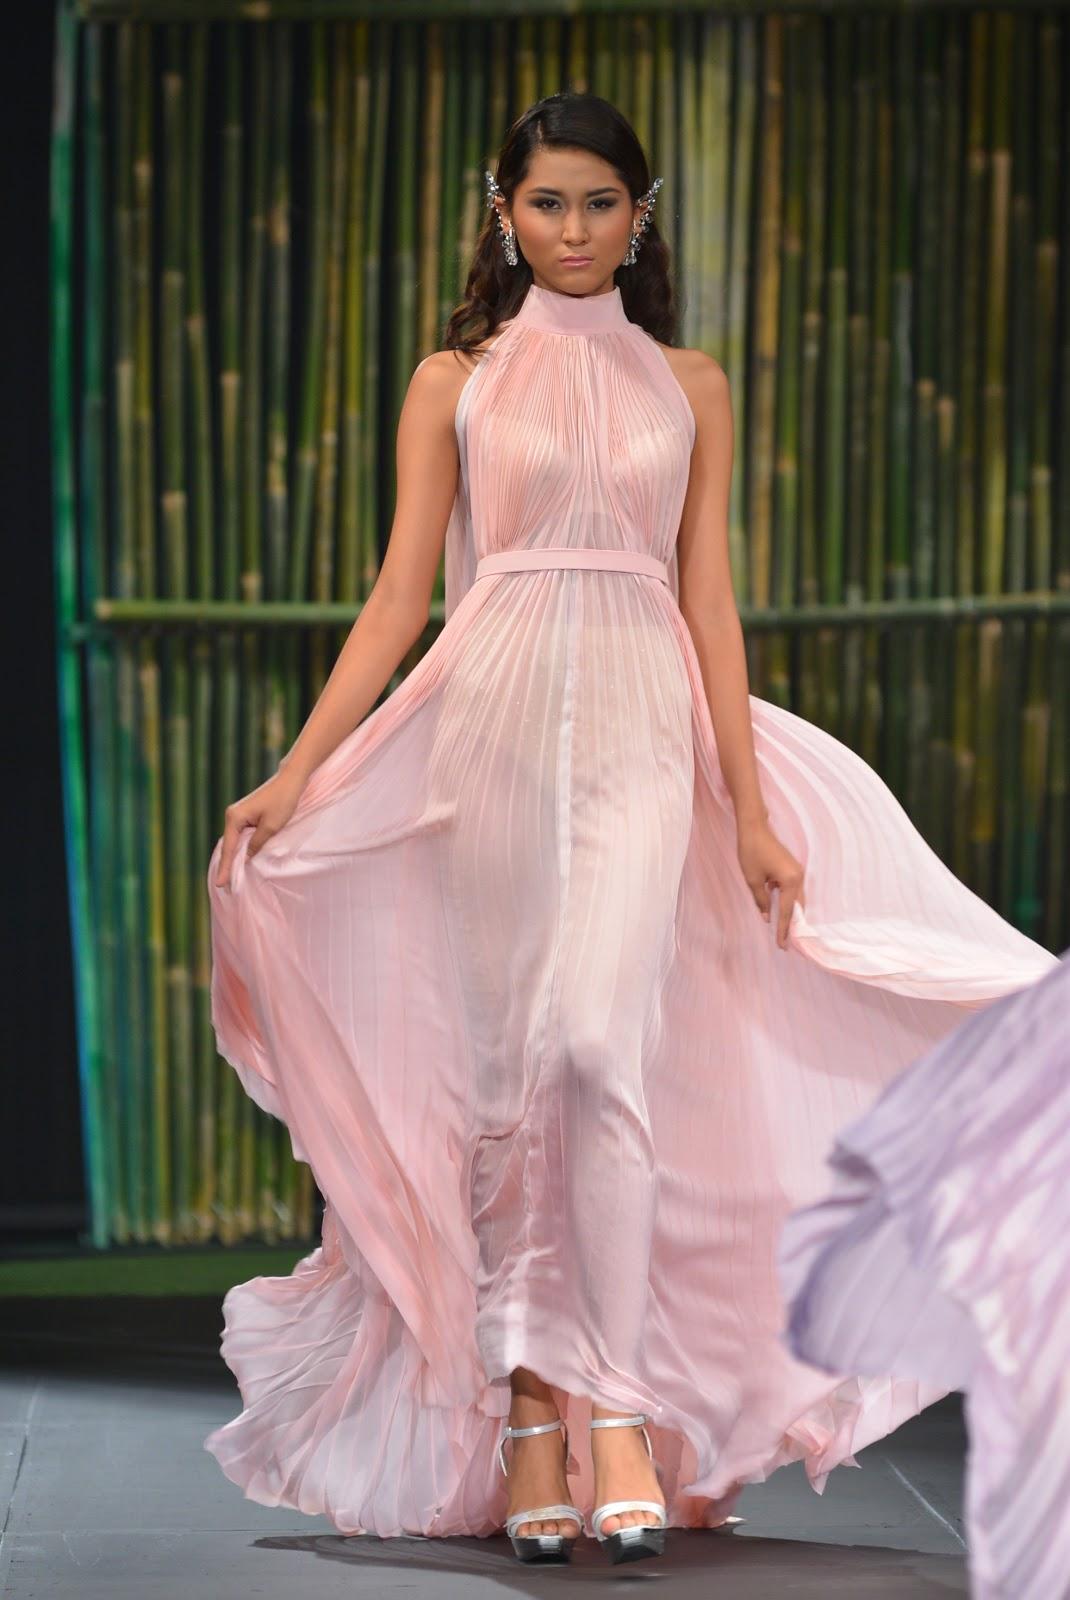 Hermosa Kristine Hermosa Wedding Gown Composición - Ideas de Vestido ...